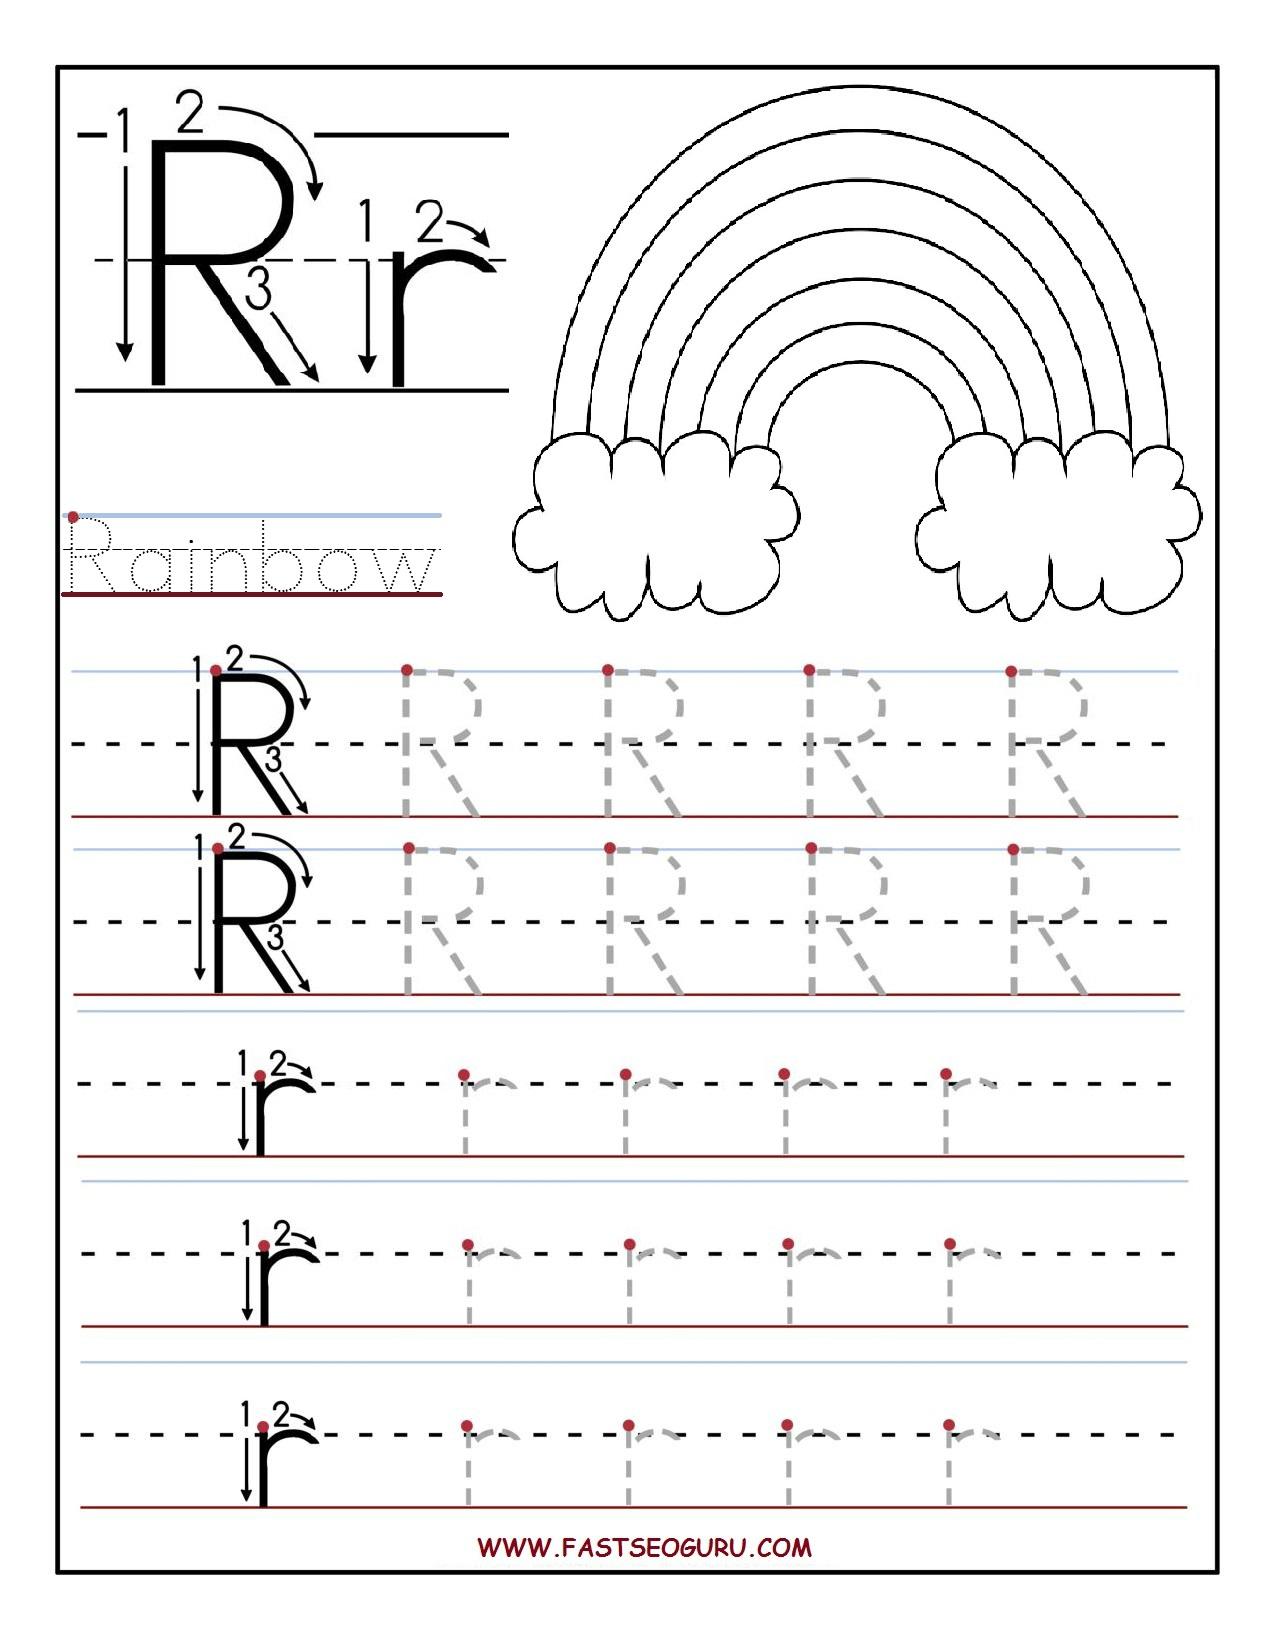 Pr T Ble Letter R Tr C G W Ksheets Preschool